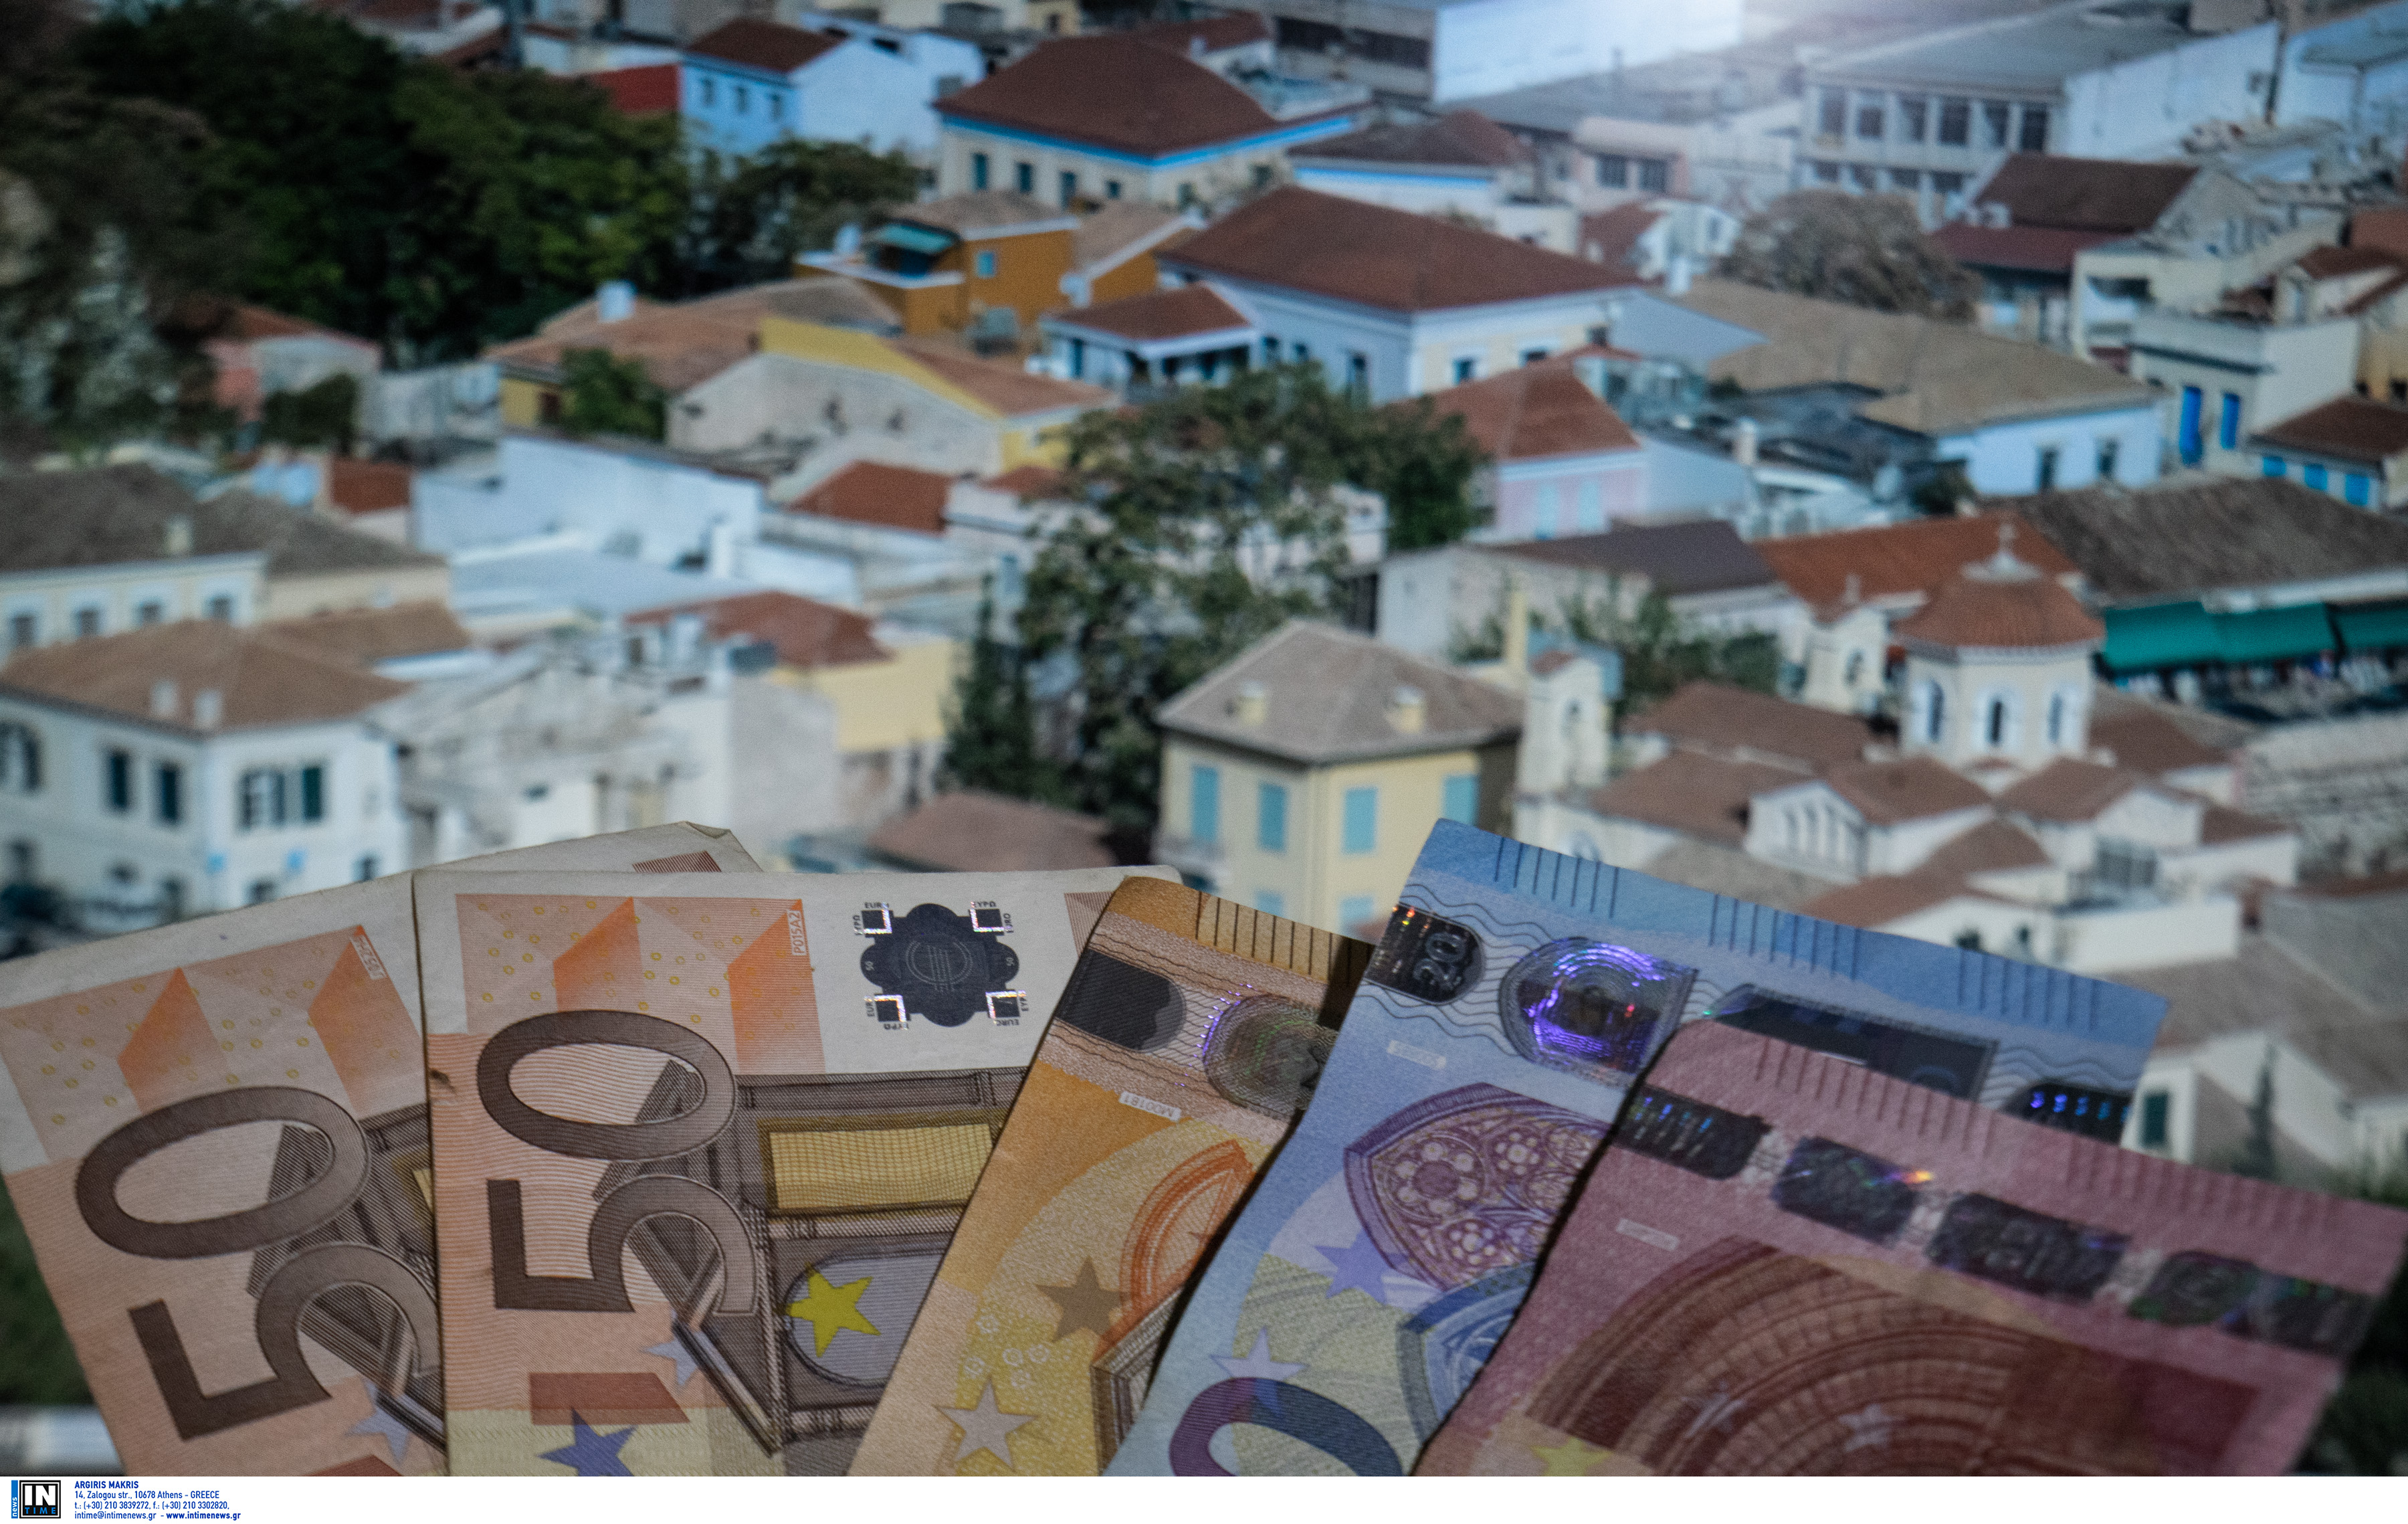 Βόλος: Νέα στοιχεία για την κλοπή μαμούθ σε διαμέρισμα – Τι αρχίζει να φαίνεται πίσω από τη διάρρηξη